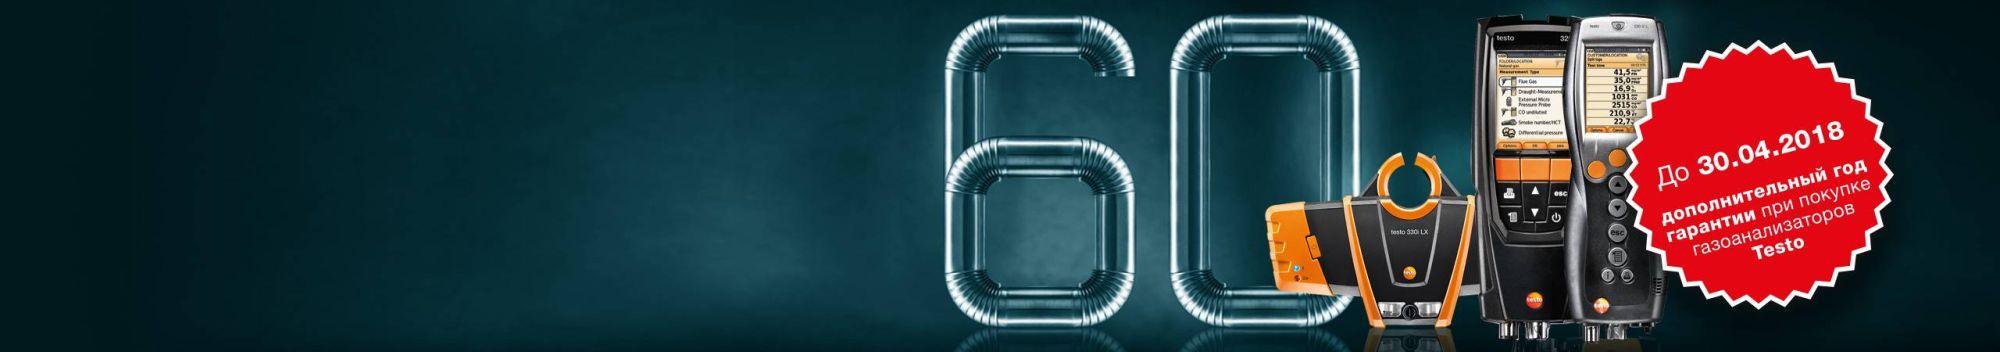 <strong>60 за 60:</strong> специальное юбилейное предложение